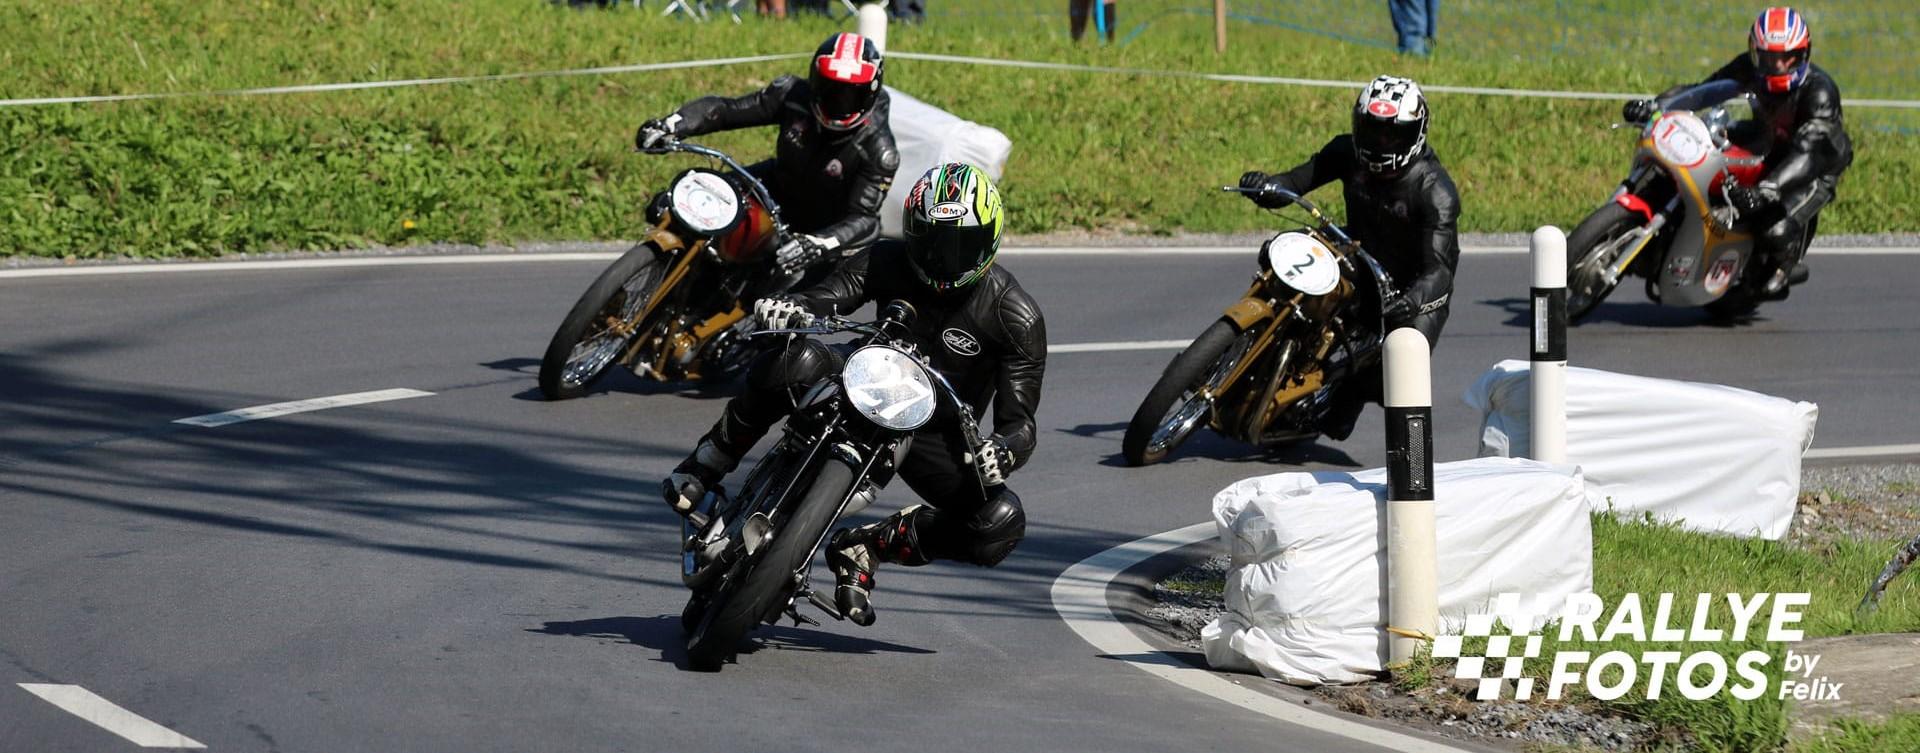 2020 AROSA ClassicCar & Motorräder